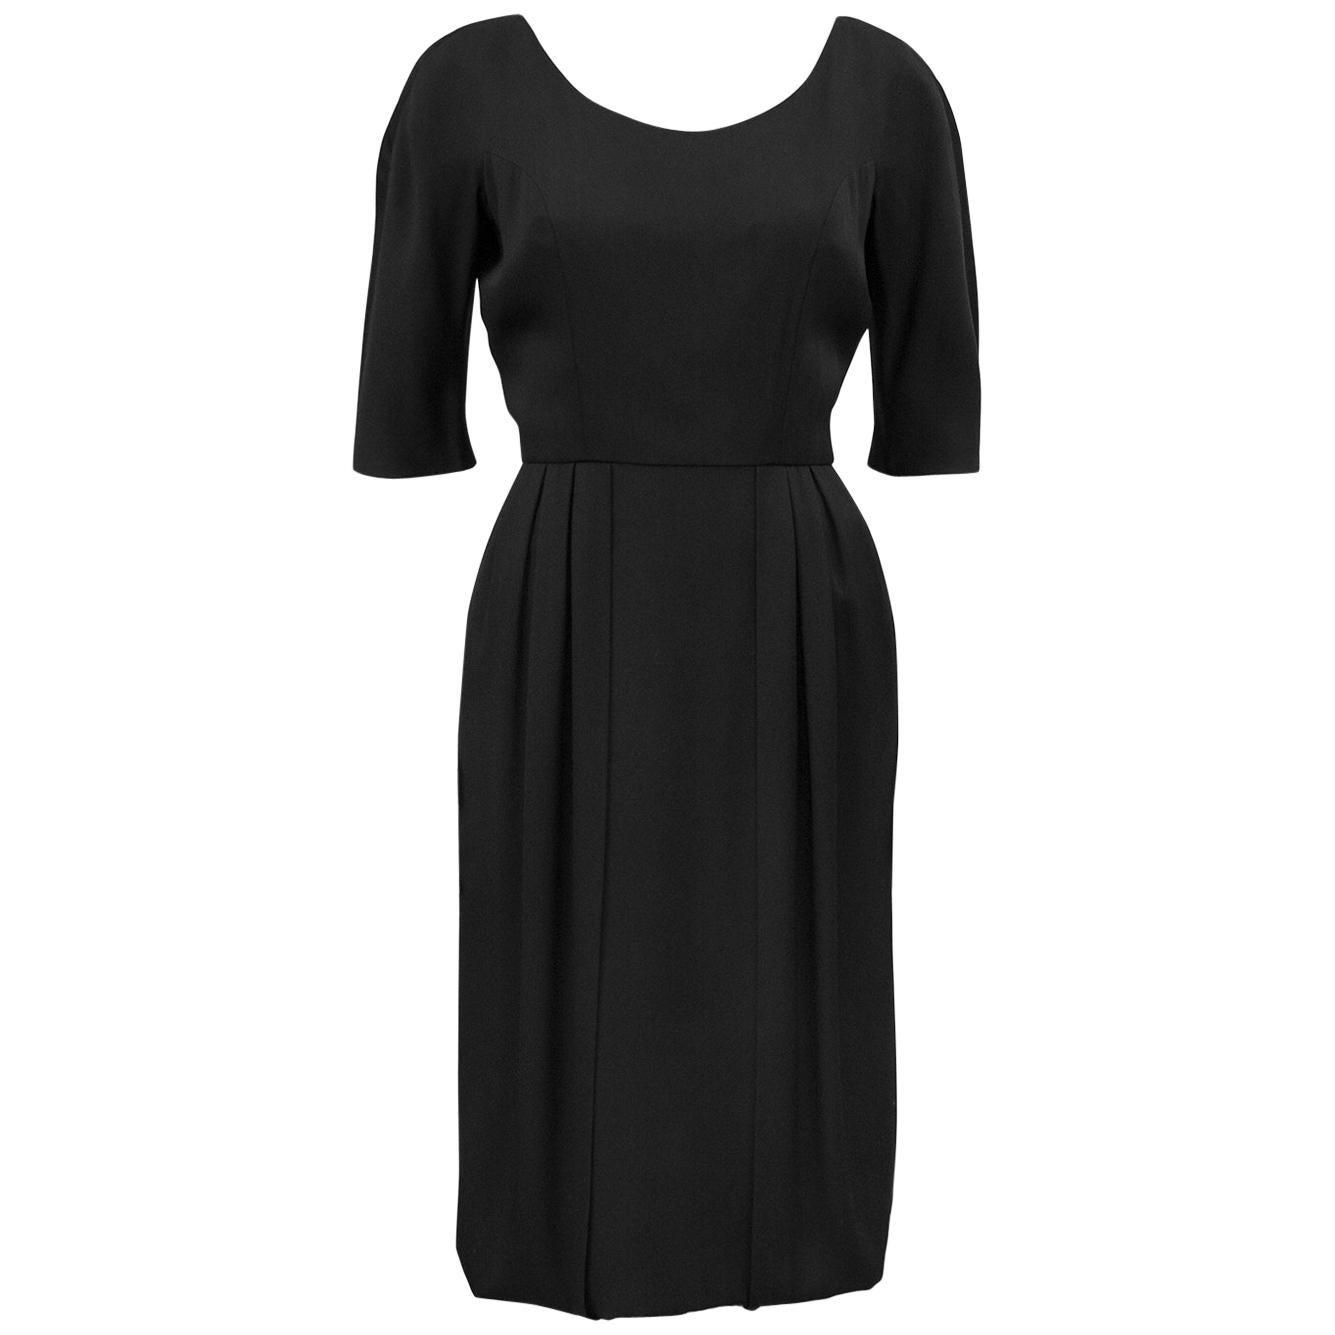 1950s Helen Rose Black Dress